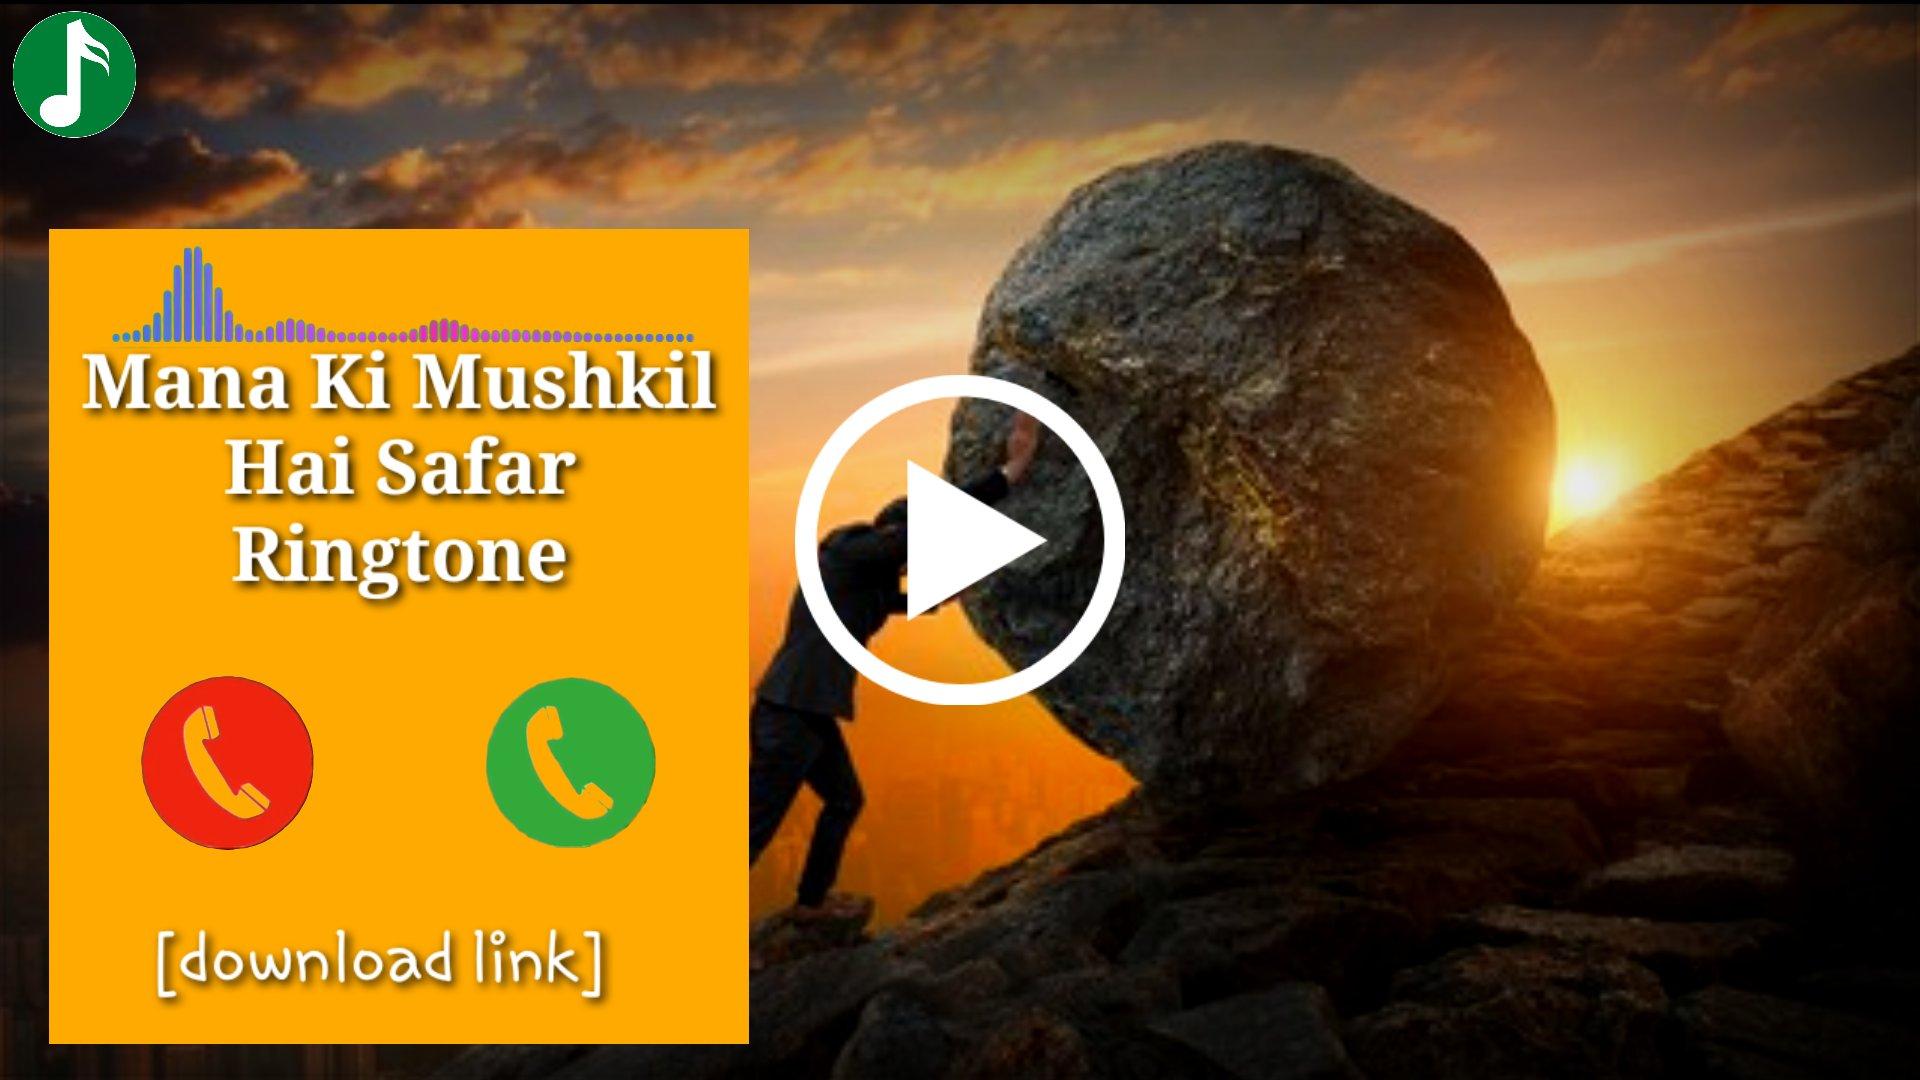 Mana Ki Mushkil Hai Safar Mp3 Ringtone Download